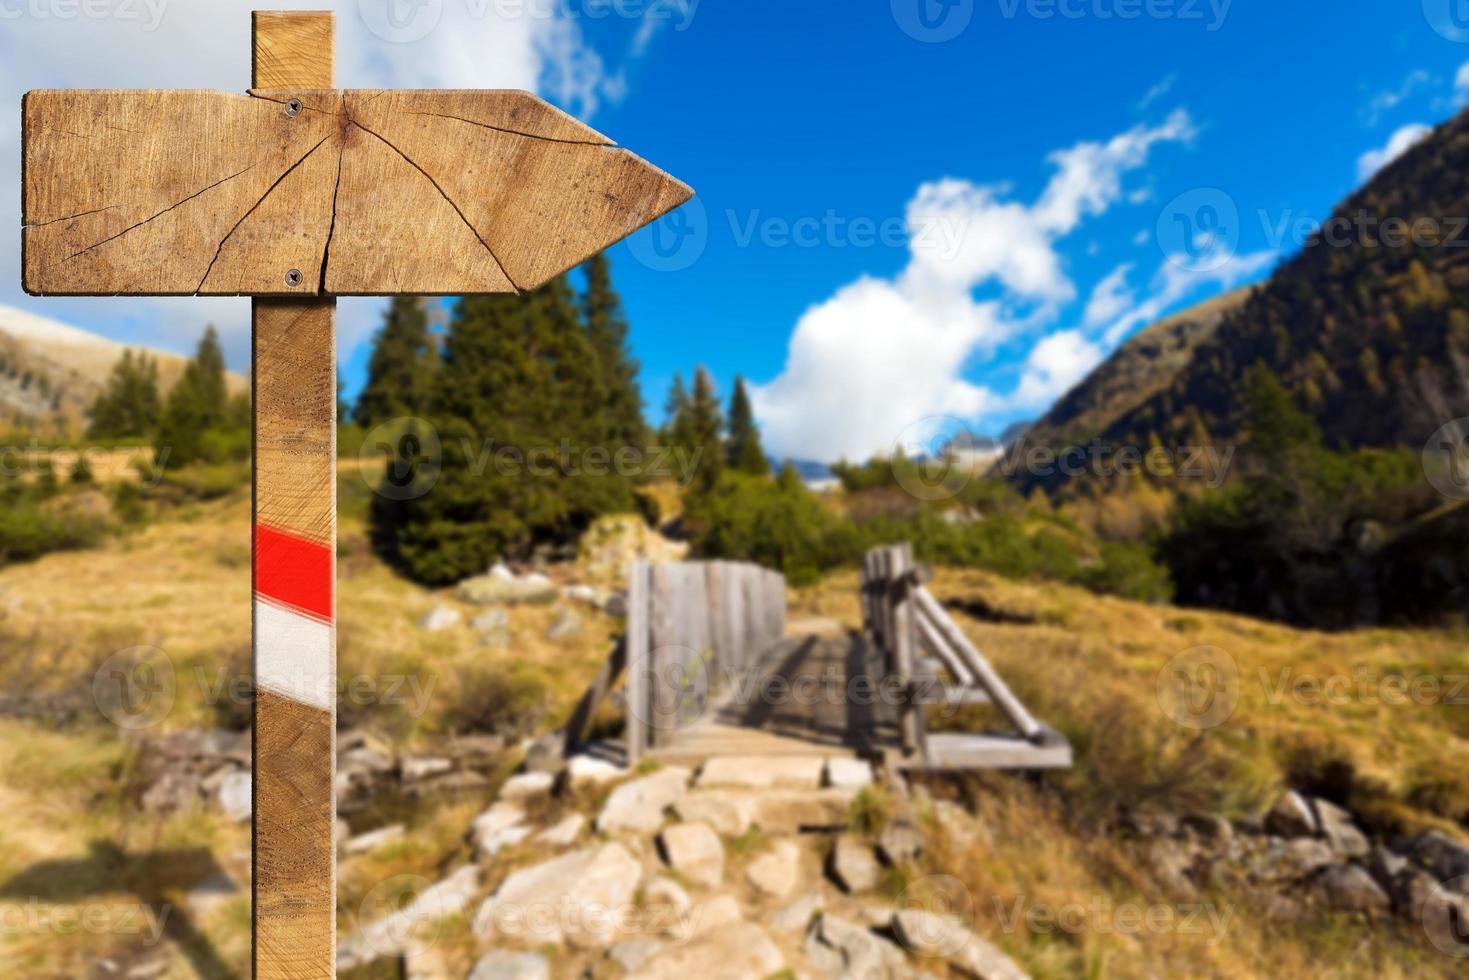 segnavia direzionale in legno in montagna foto